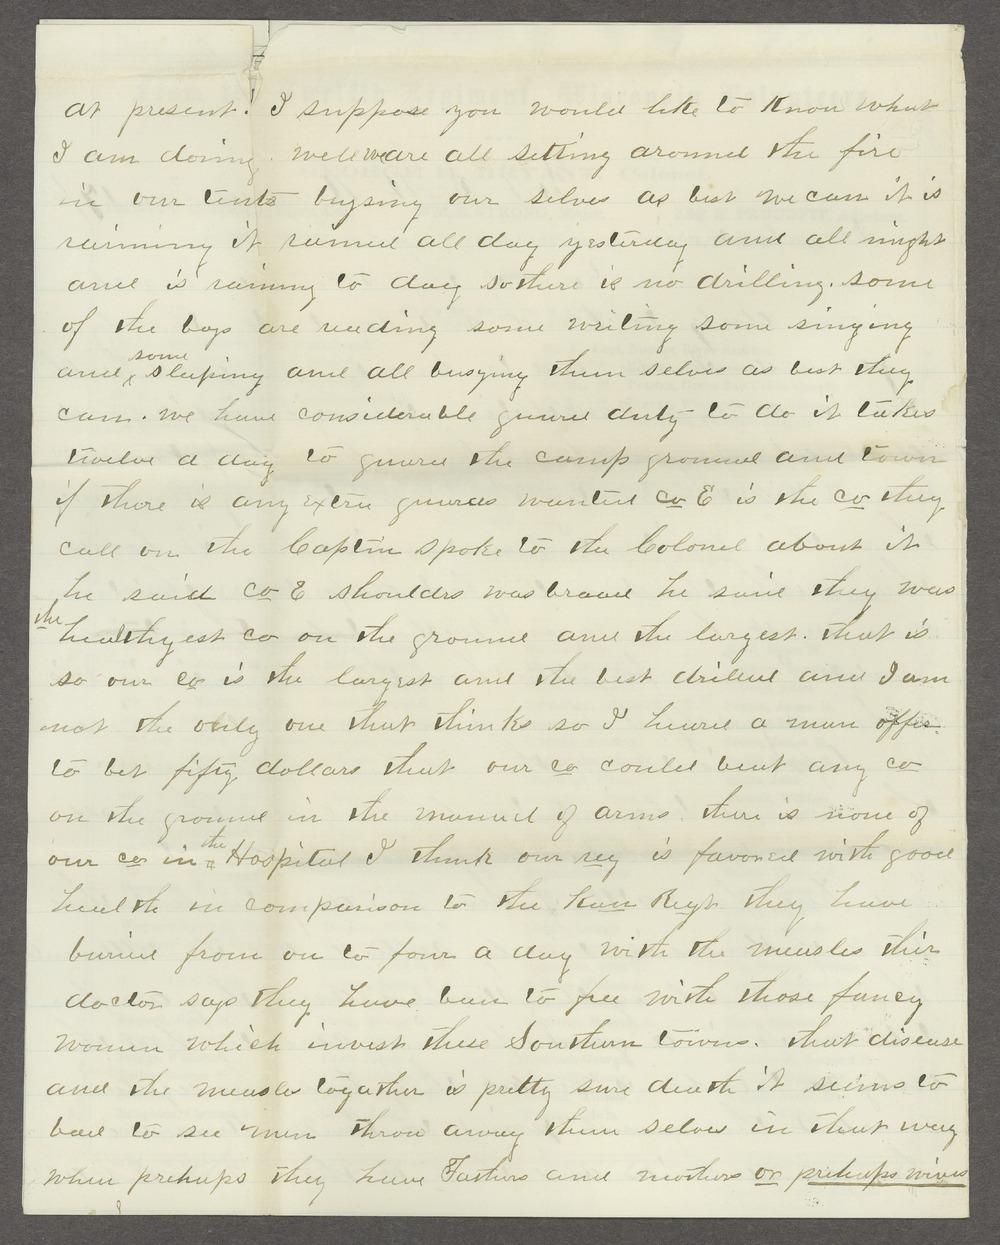 Aiken J. Sexton correspondence - 6